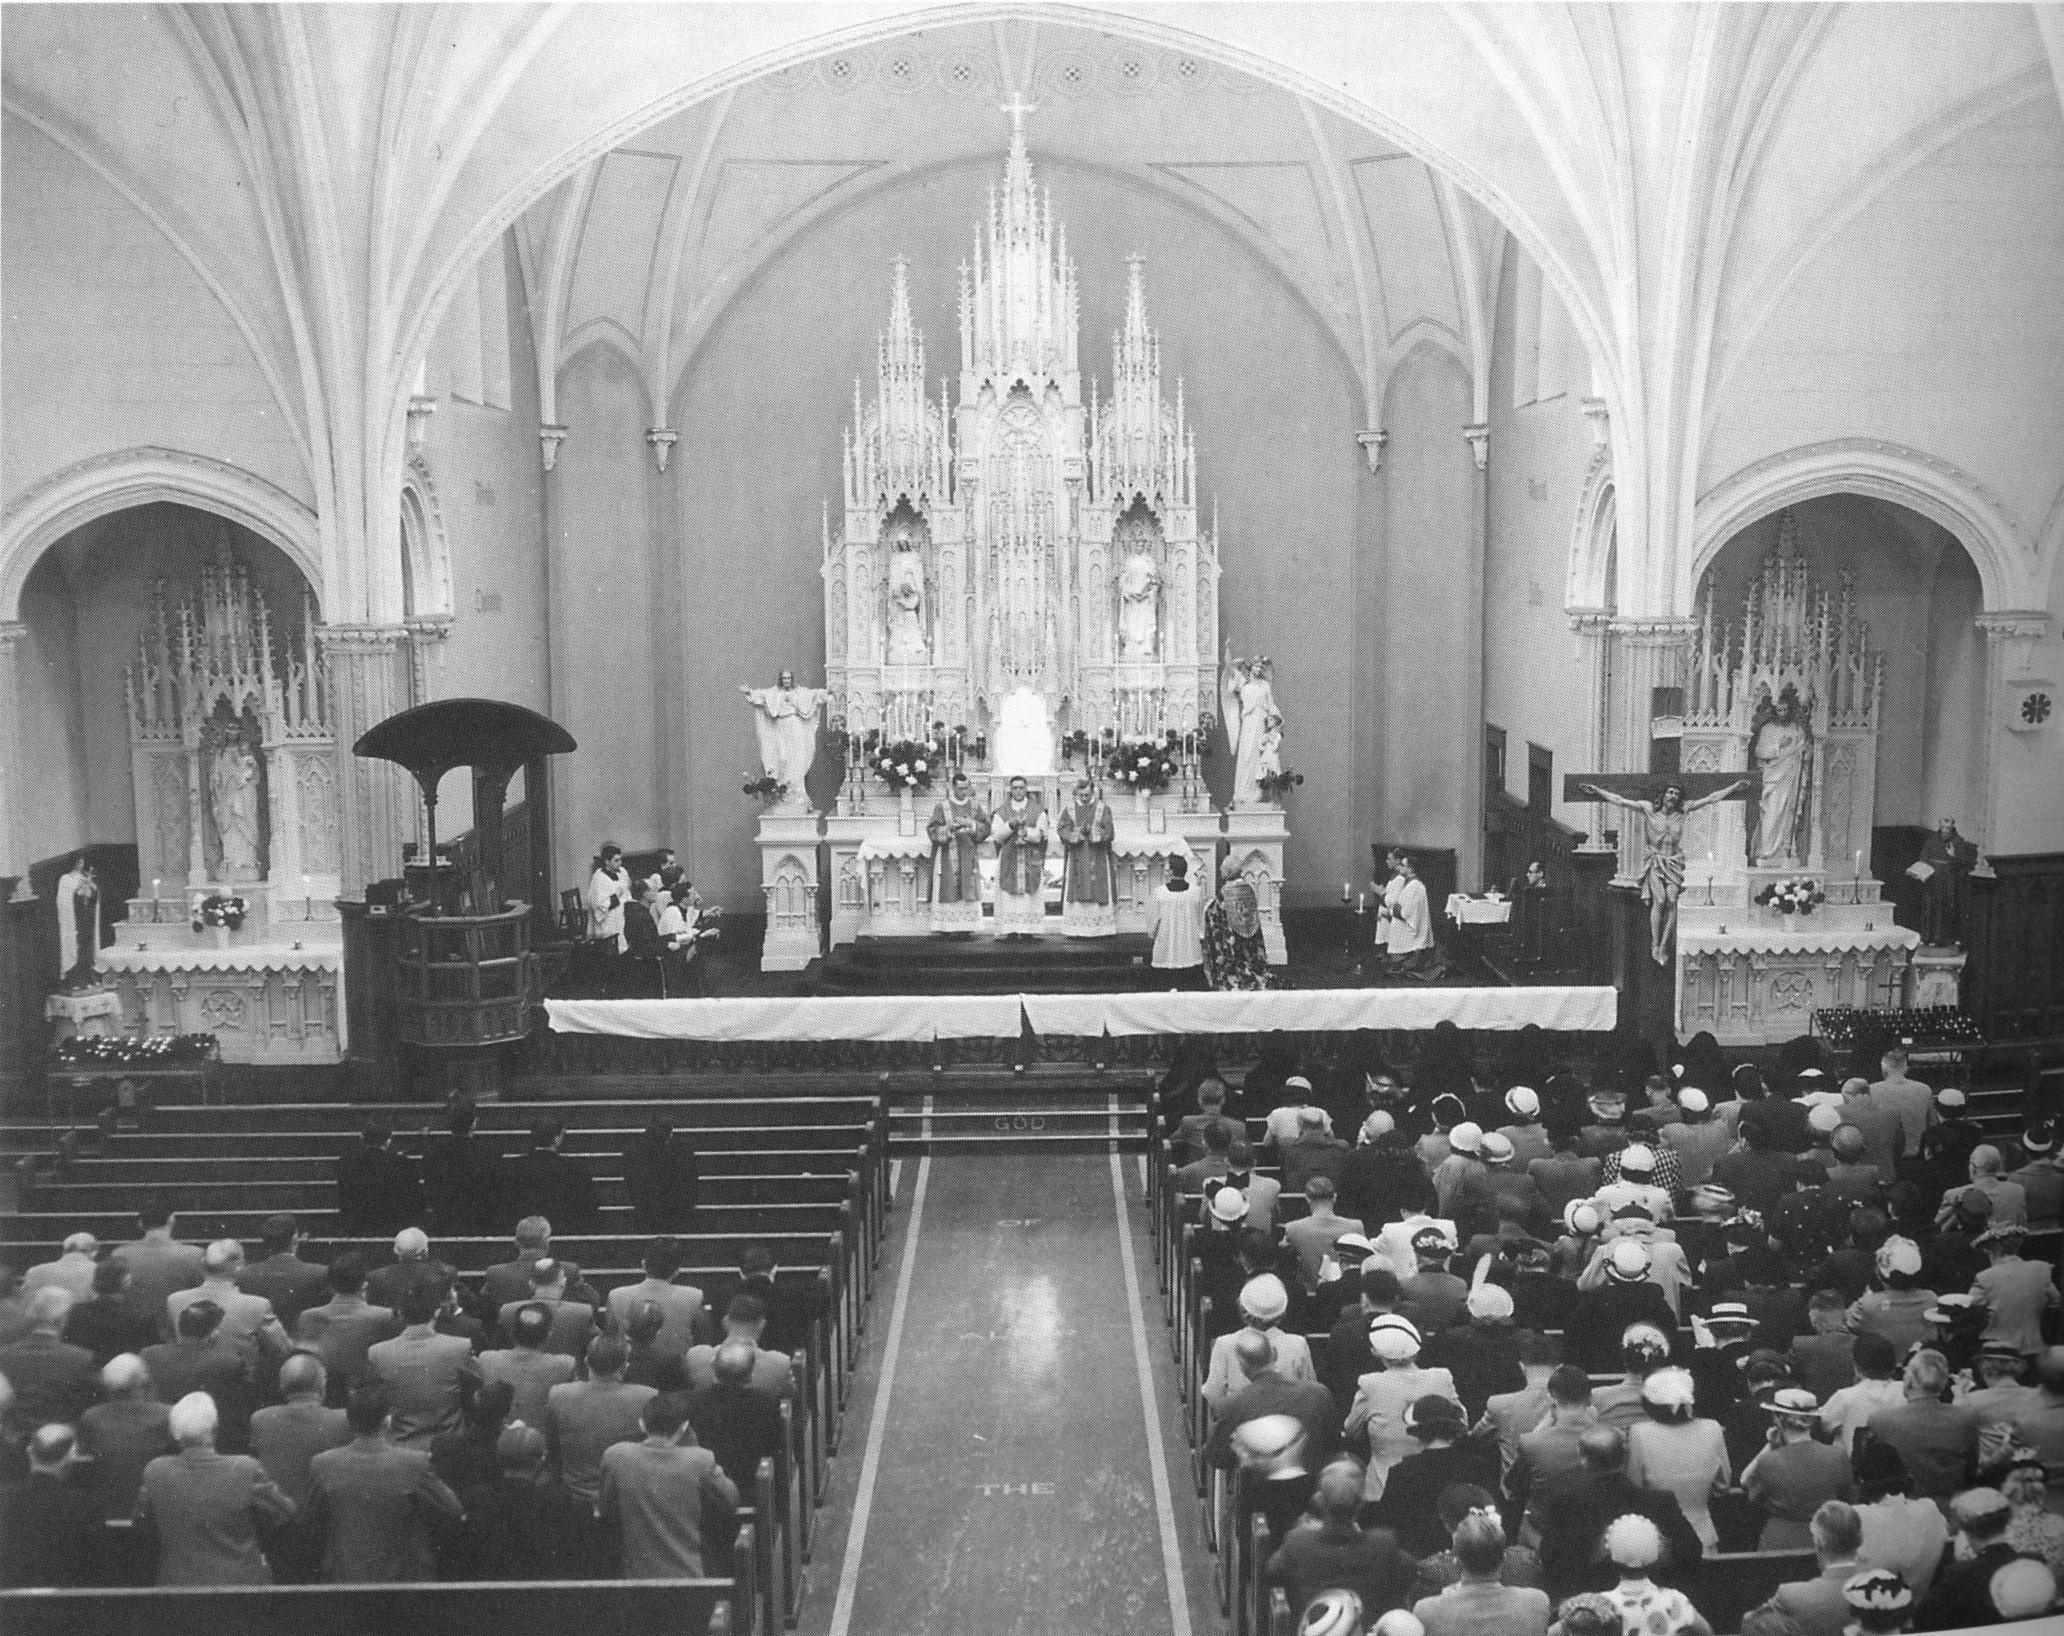 Interior of St. Joseph's Church, c. 1950s.